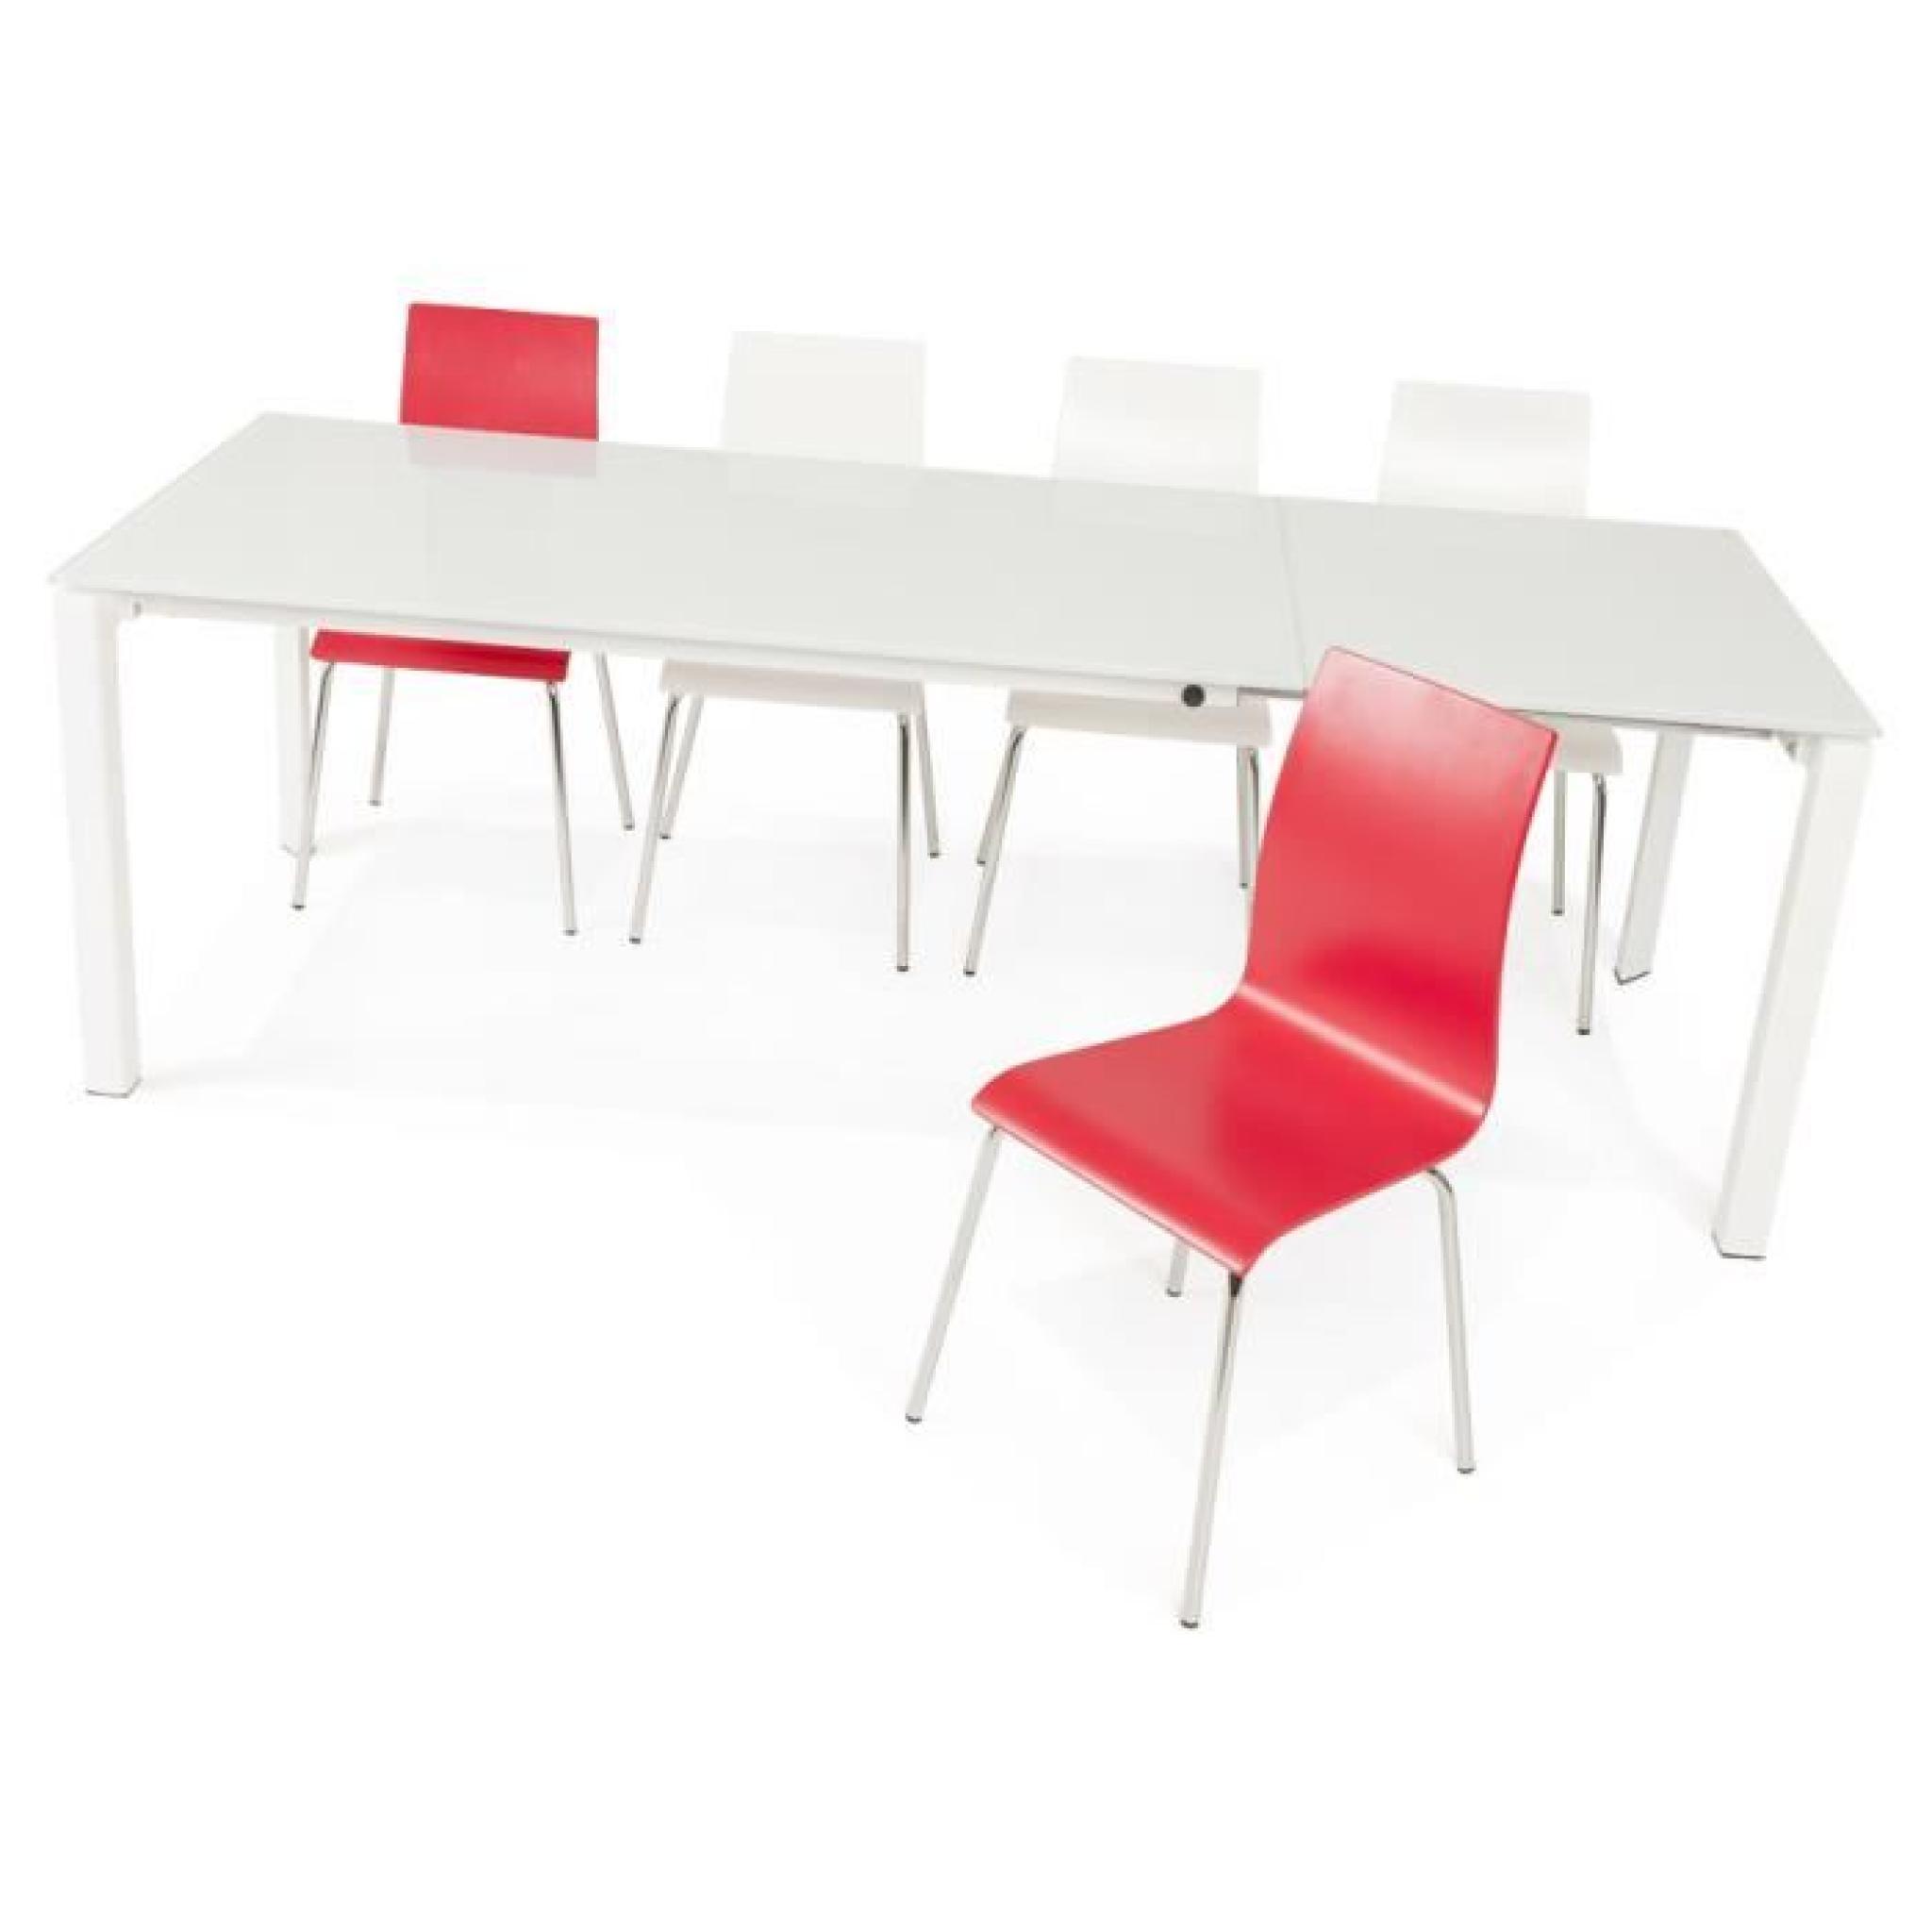 table de salle a manger extensible moderne ang achat vente table salle a manger pas cher couleur et design fr